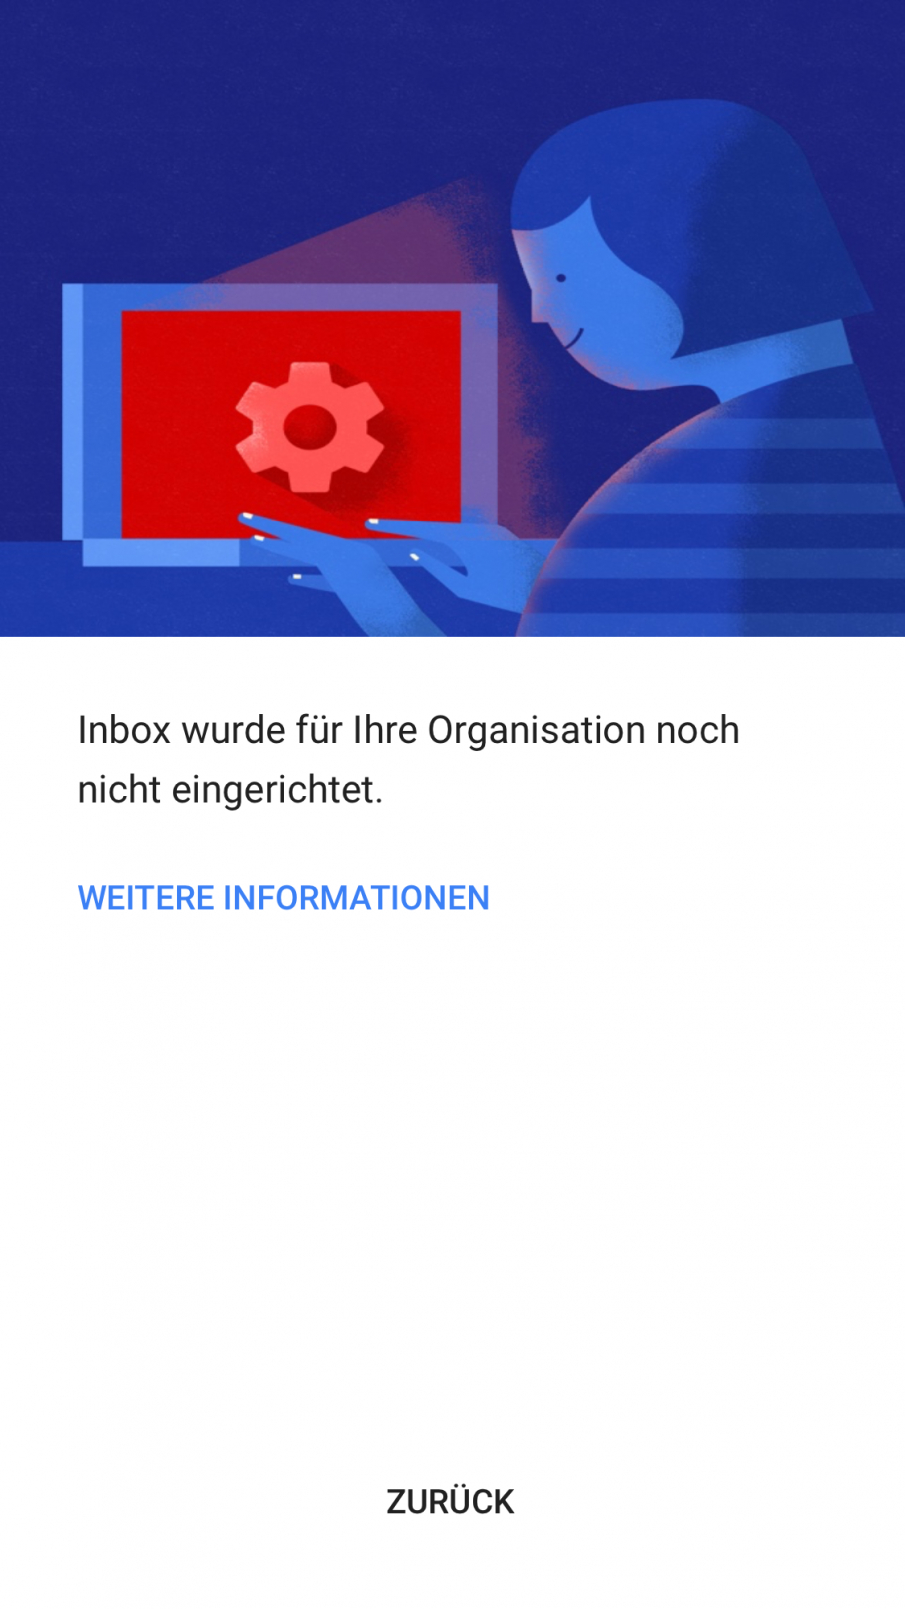 Inbox wurde für Ihr Unternehmen noch nicht eingerichtet, Screenshot